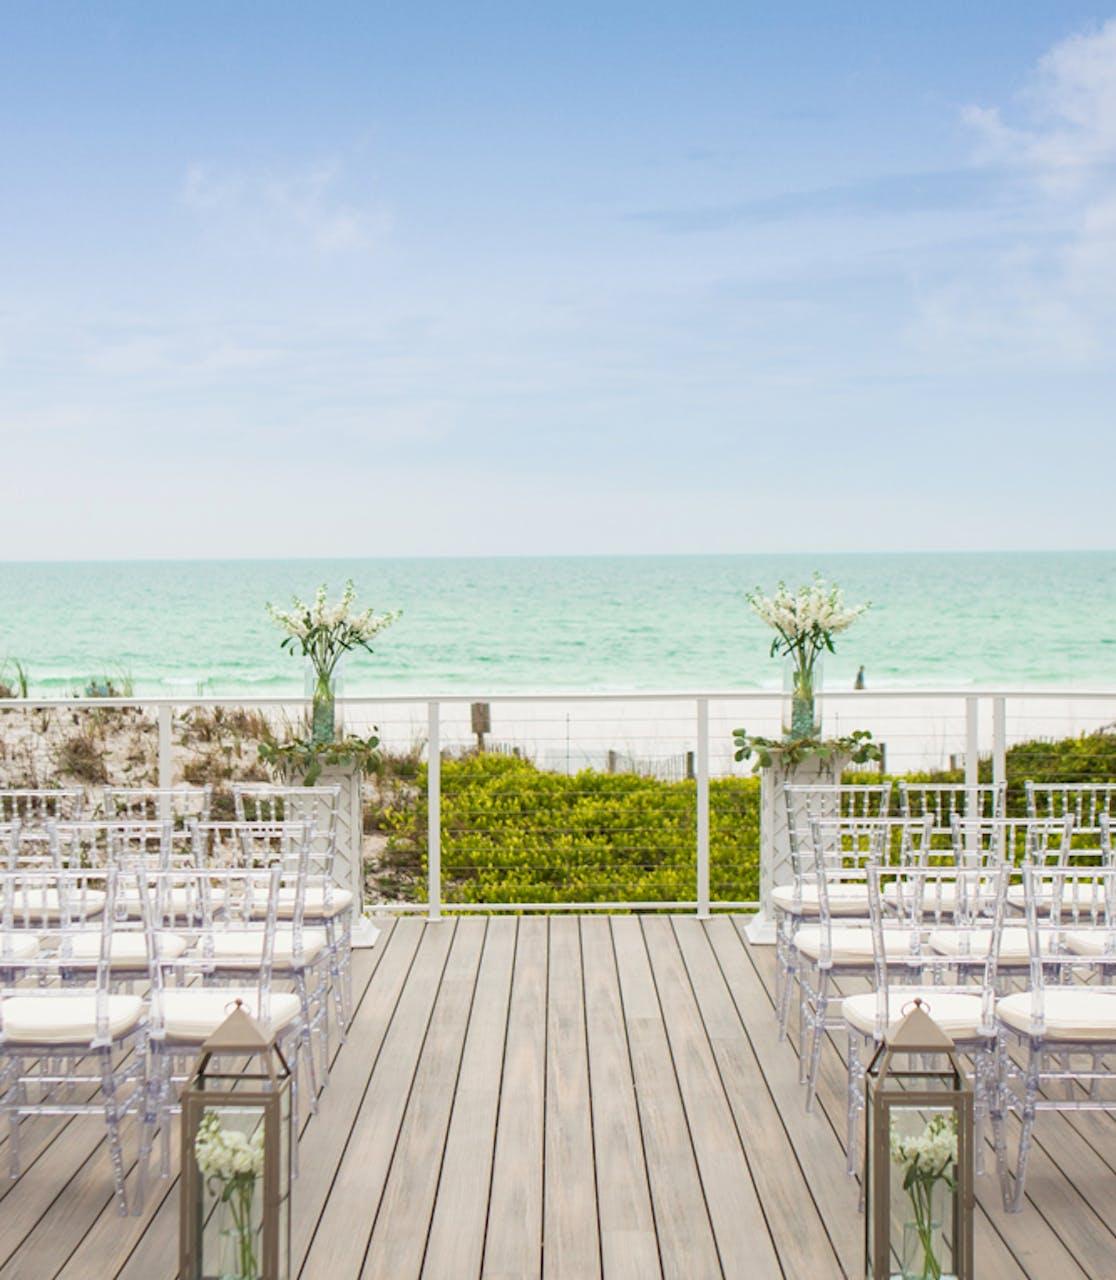 Outdoor Weddings at TOPS'L Beach & Racquet Resort - Blue Dunes Deck Ceremony